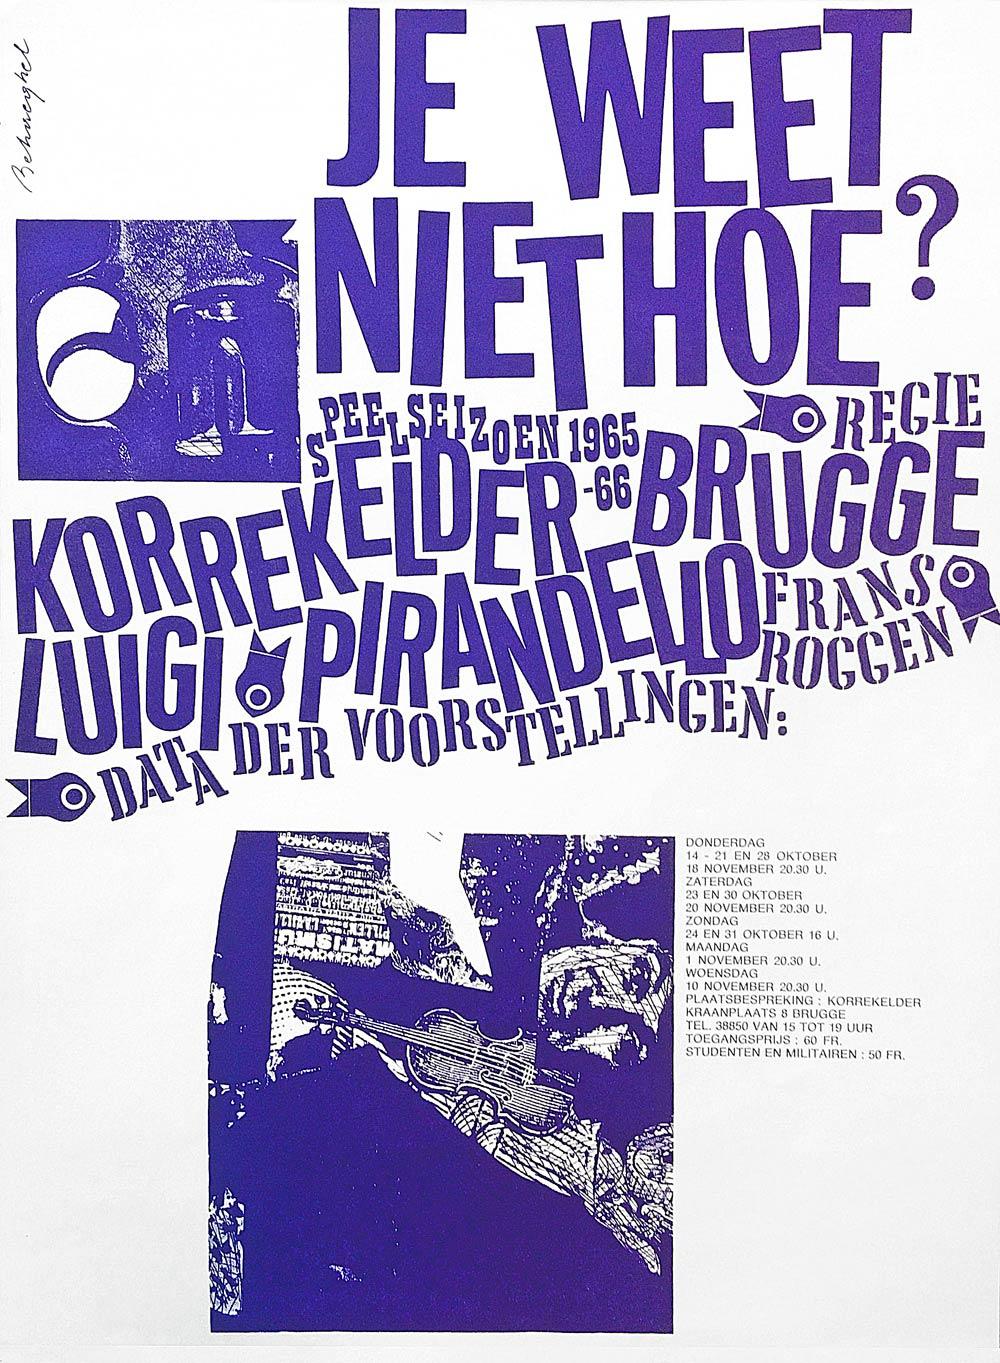 2019-09-23_5d88ed949da47_6-Jeanine-Behaeghel-poster-1965